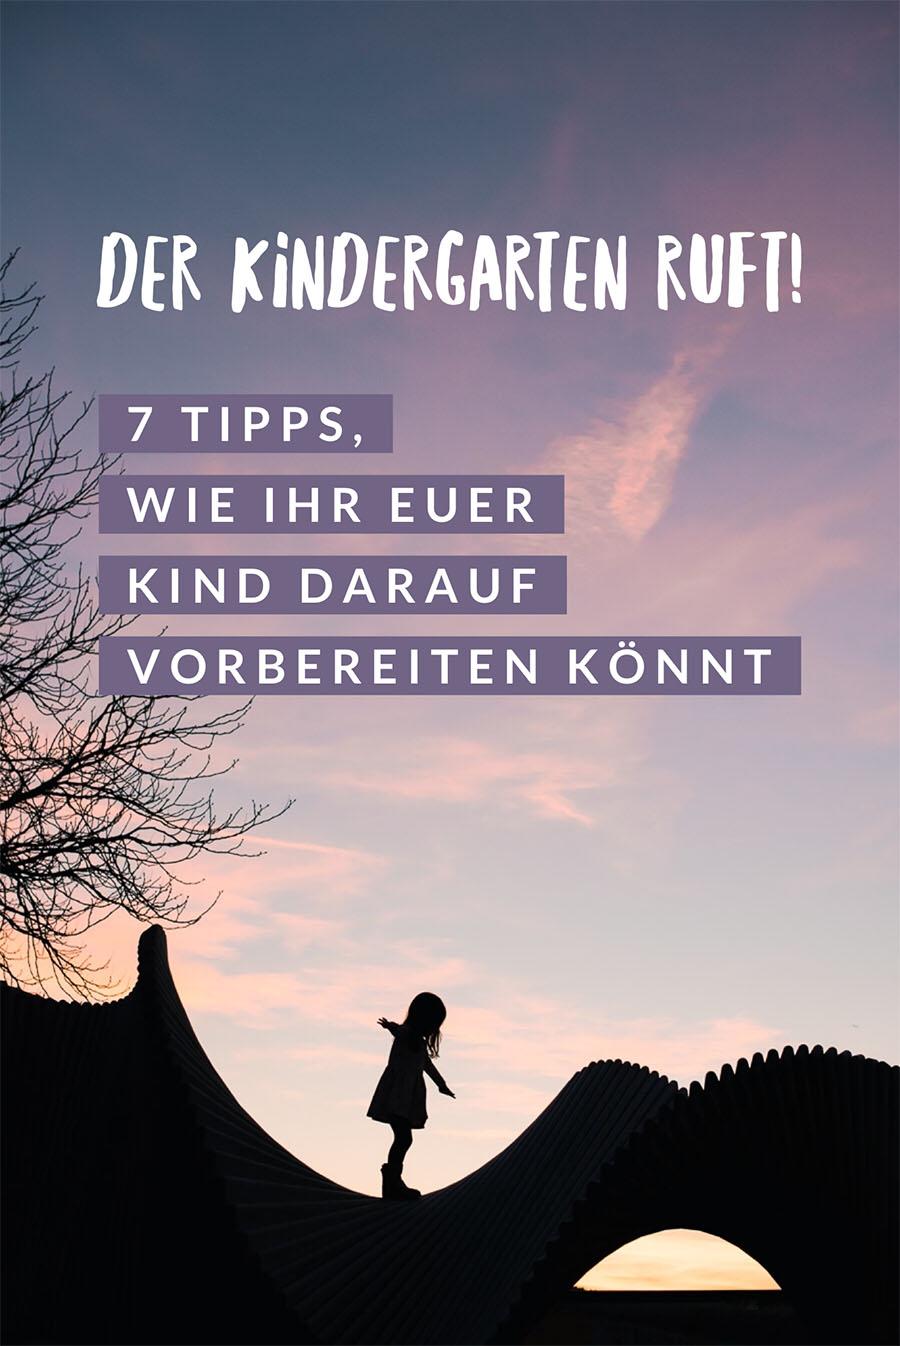 Der Kindergarten ruft: 7 Tipps, wie ihr die Kindergartenmunterkeit bis im Sommer unterstützen könnt #kindergarten